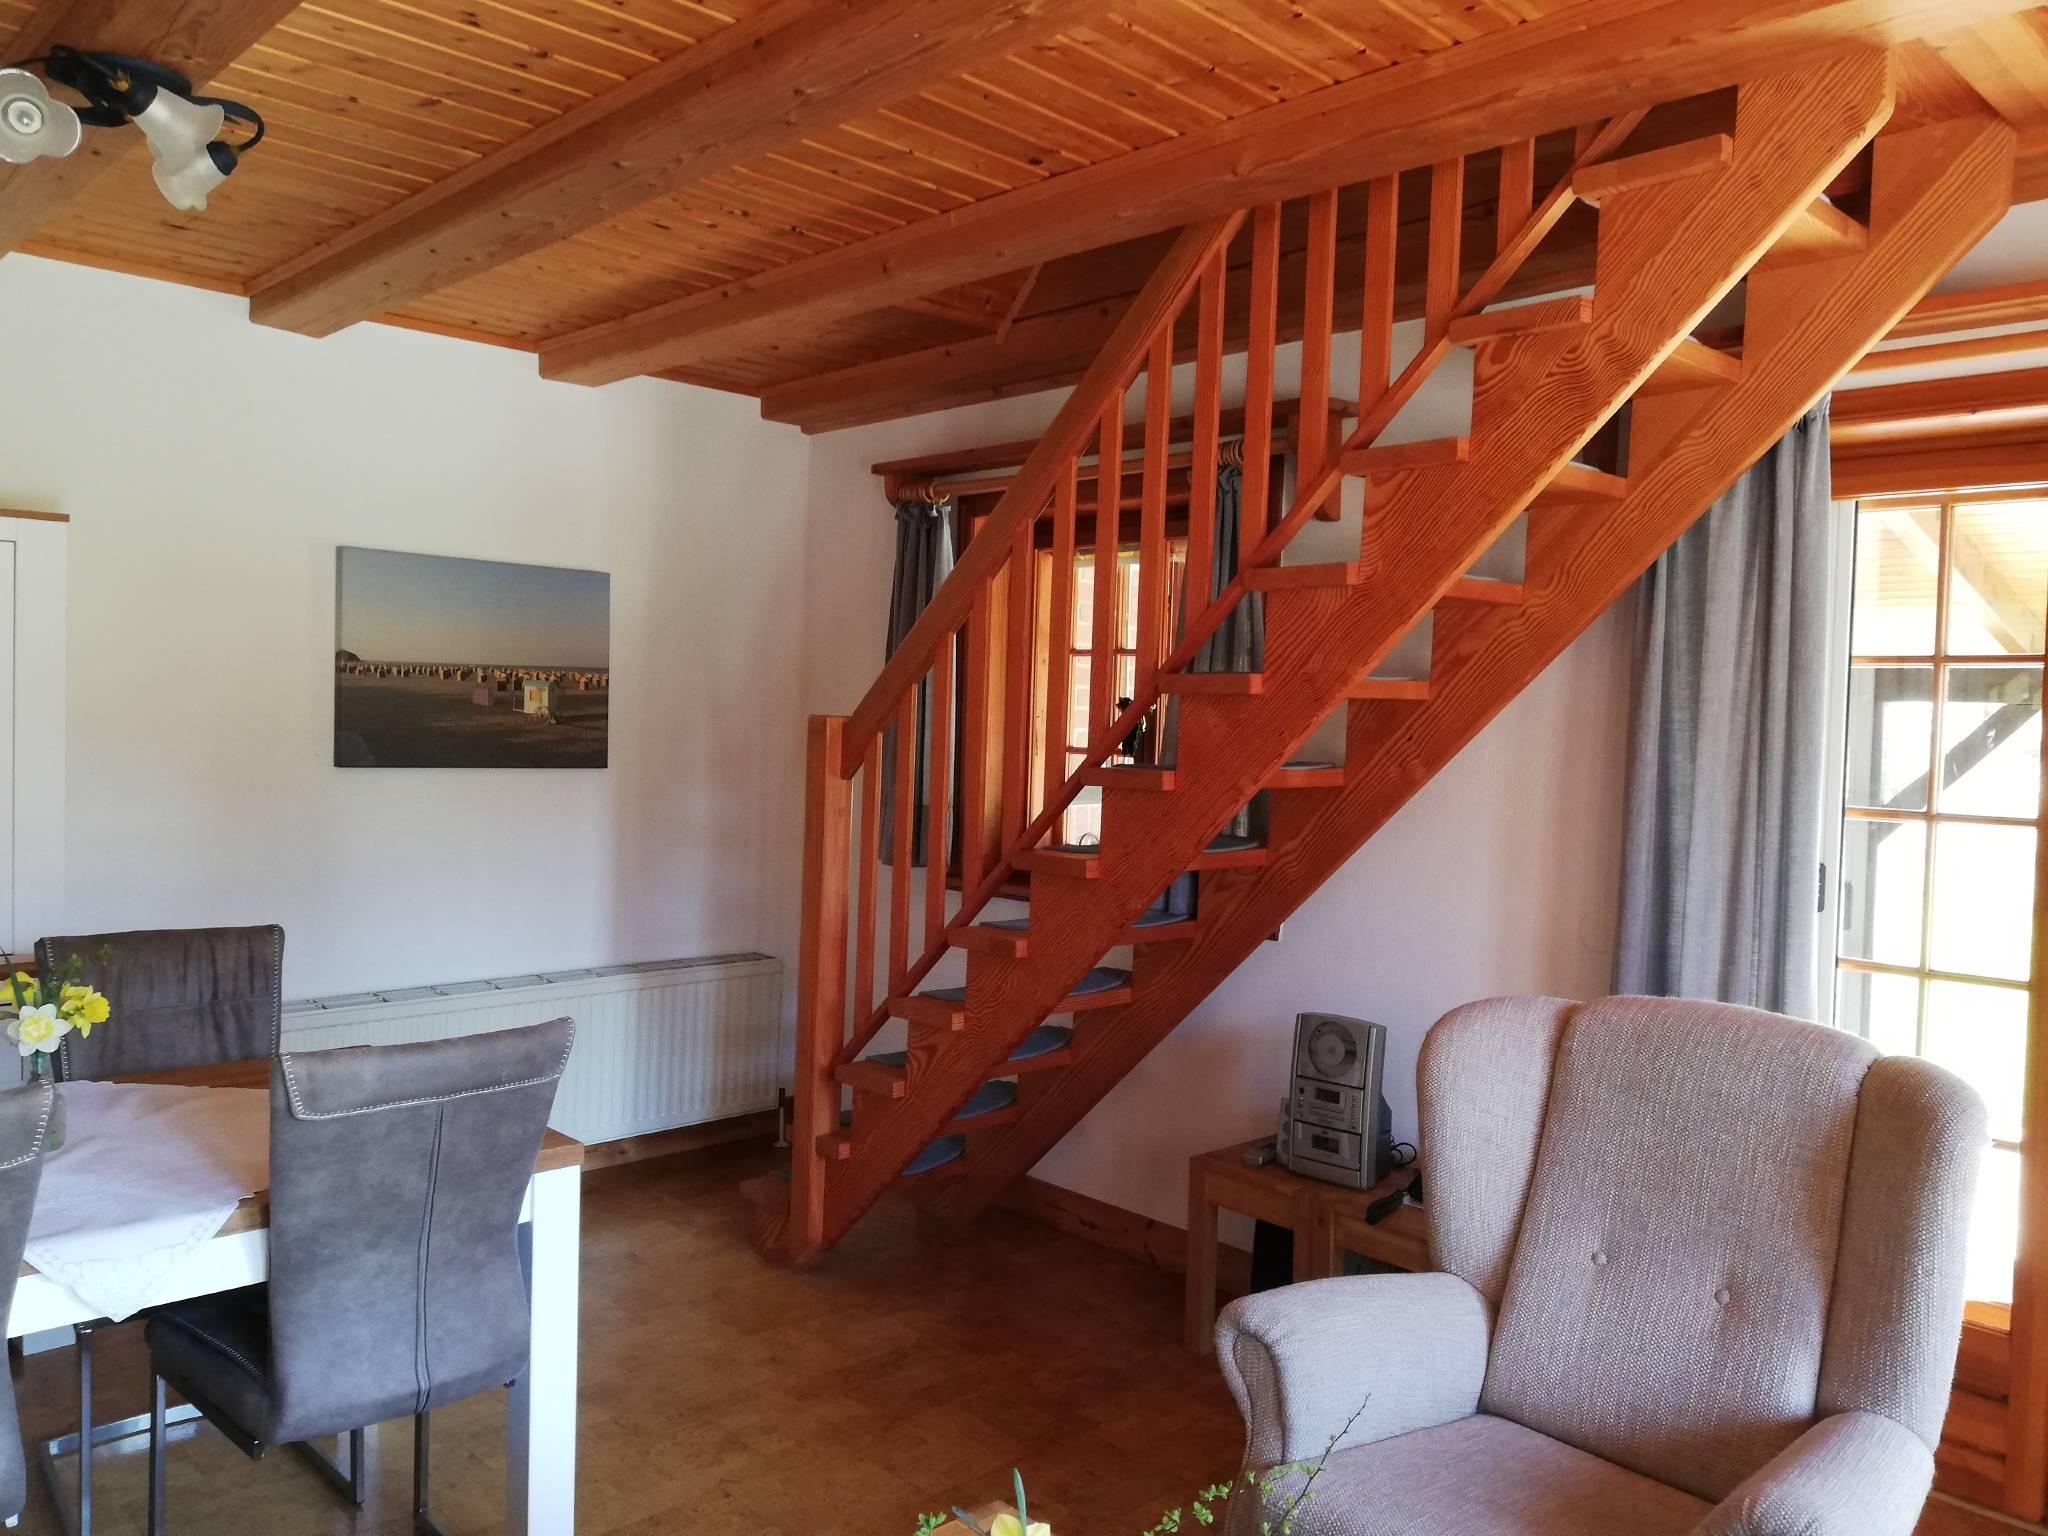 Treppe zum offenen Schlafzimmer